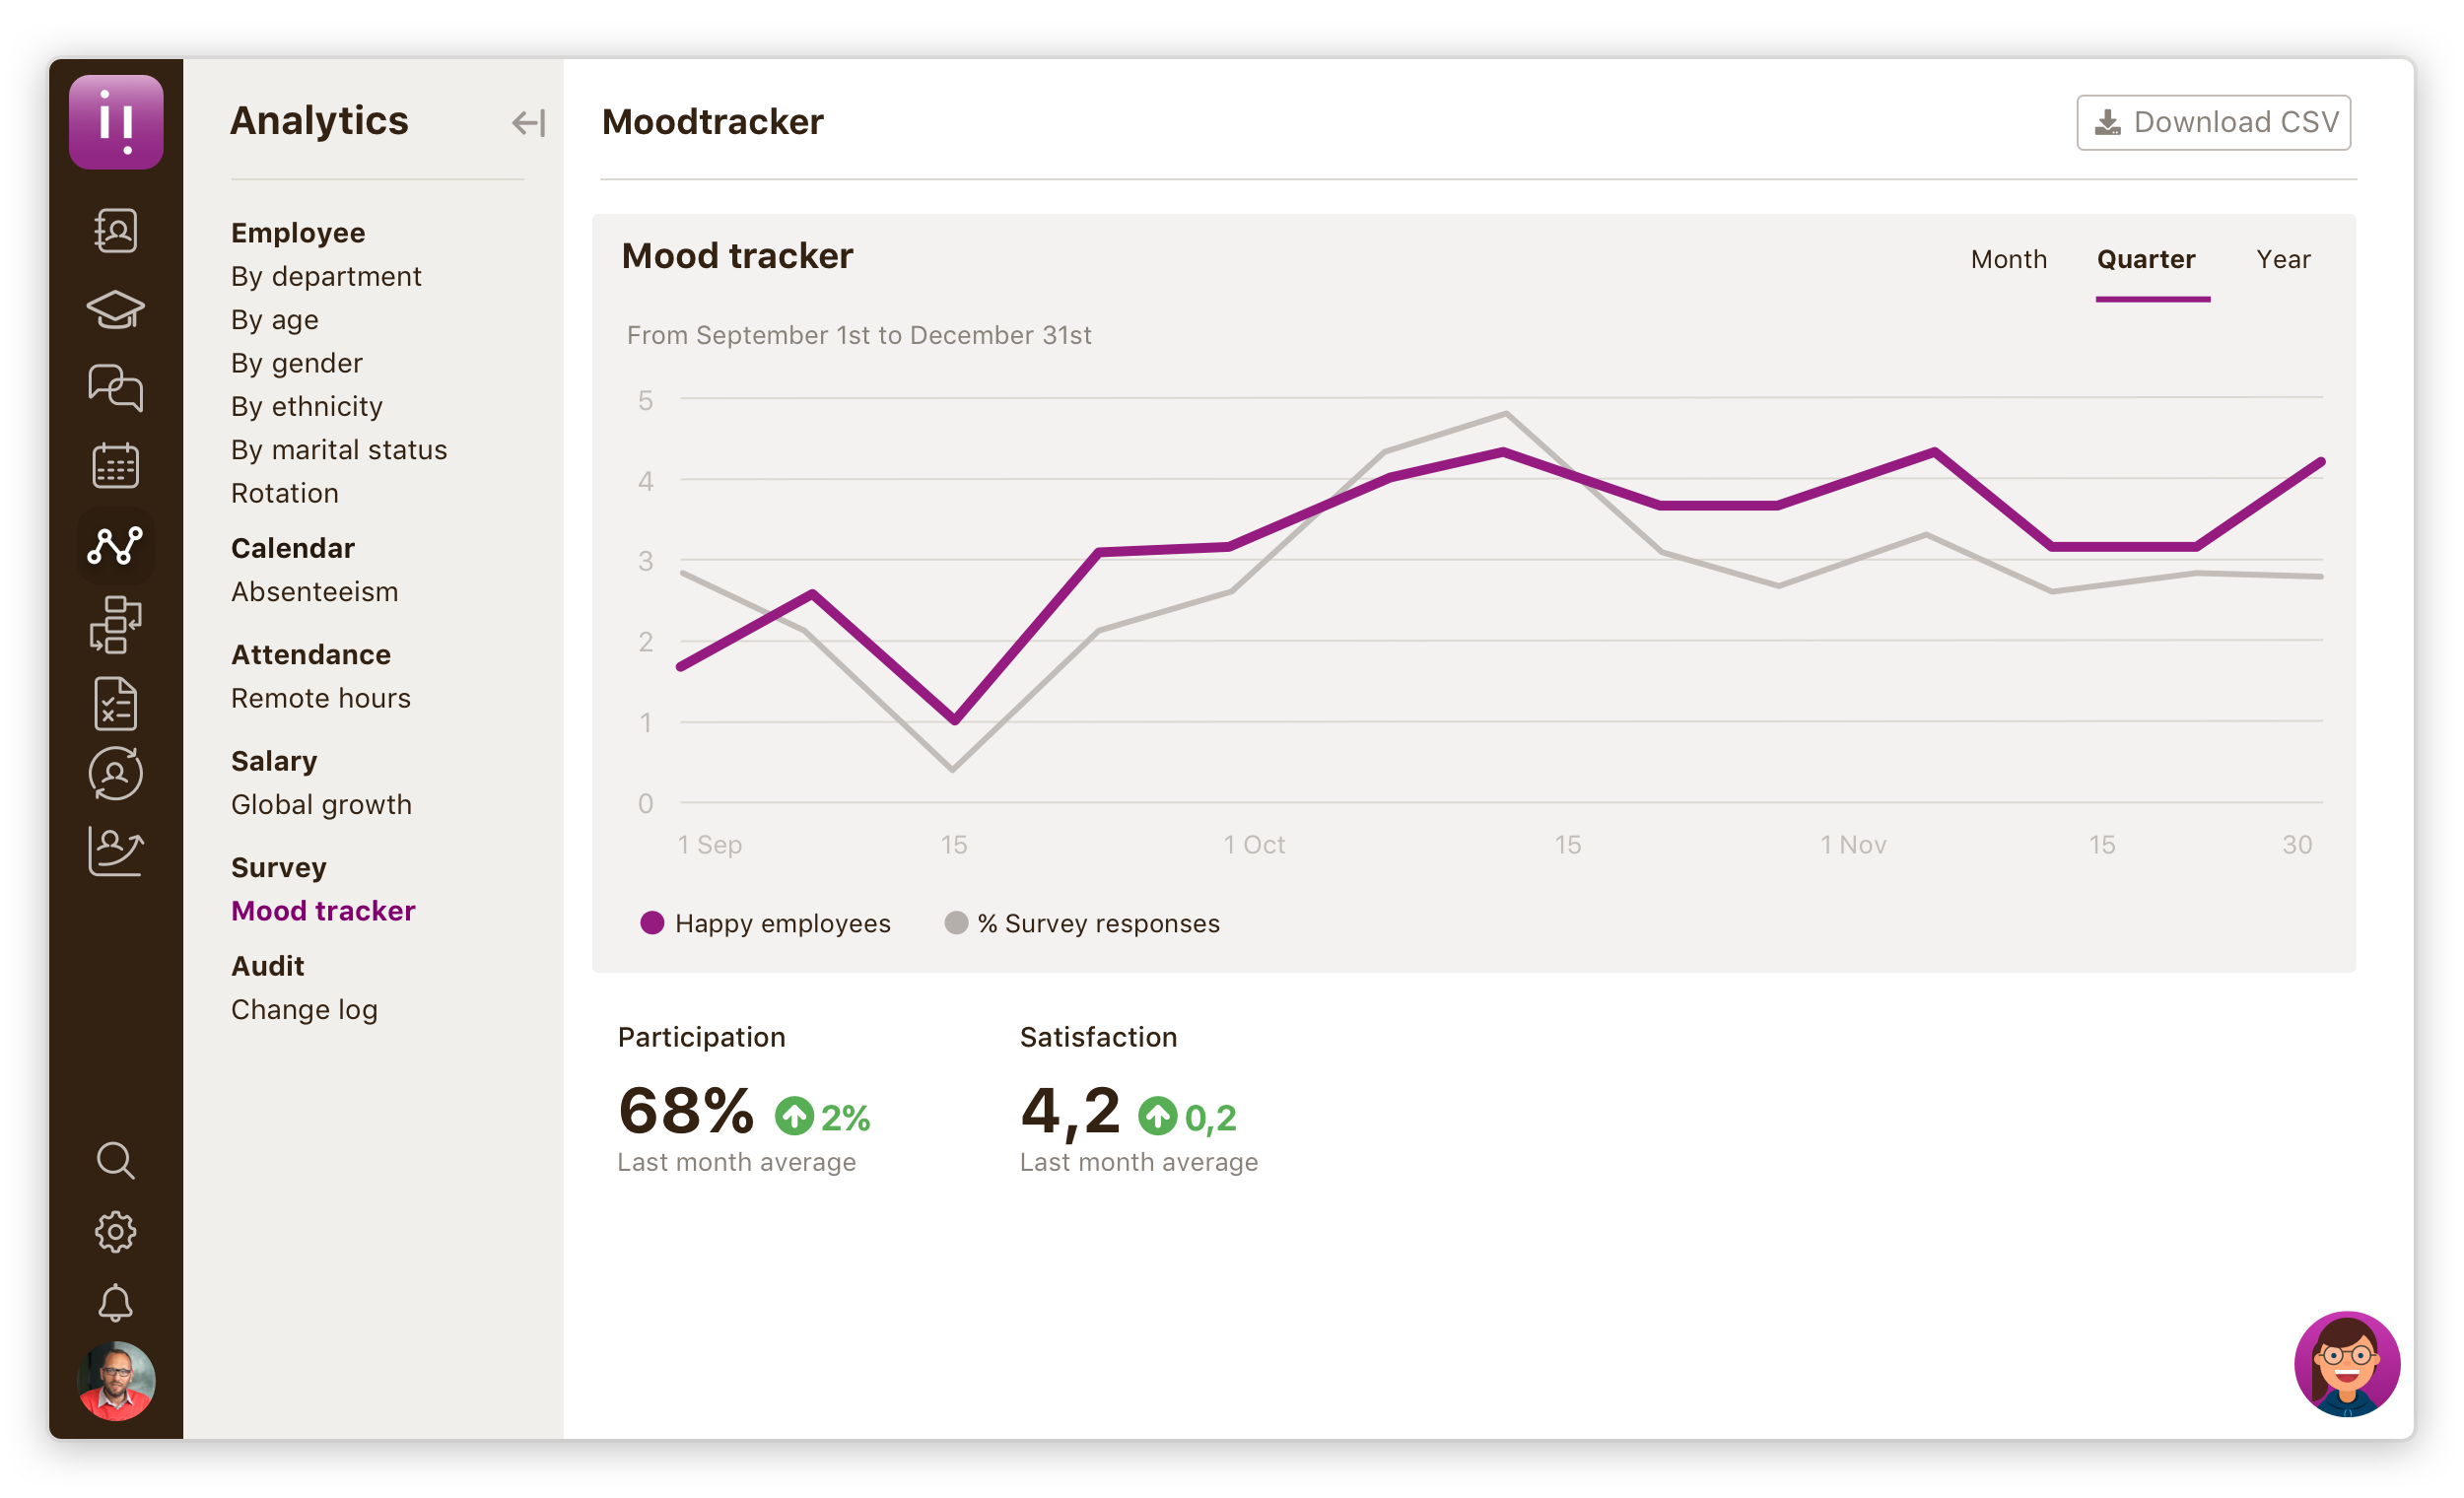 Niikiis Software - Analytics - Mood tracker